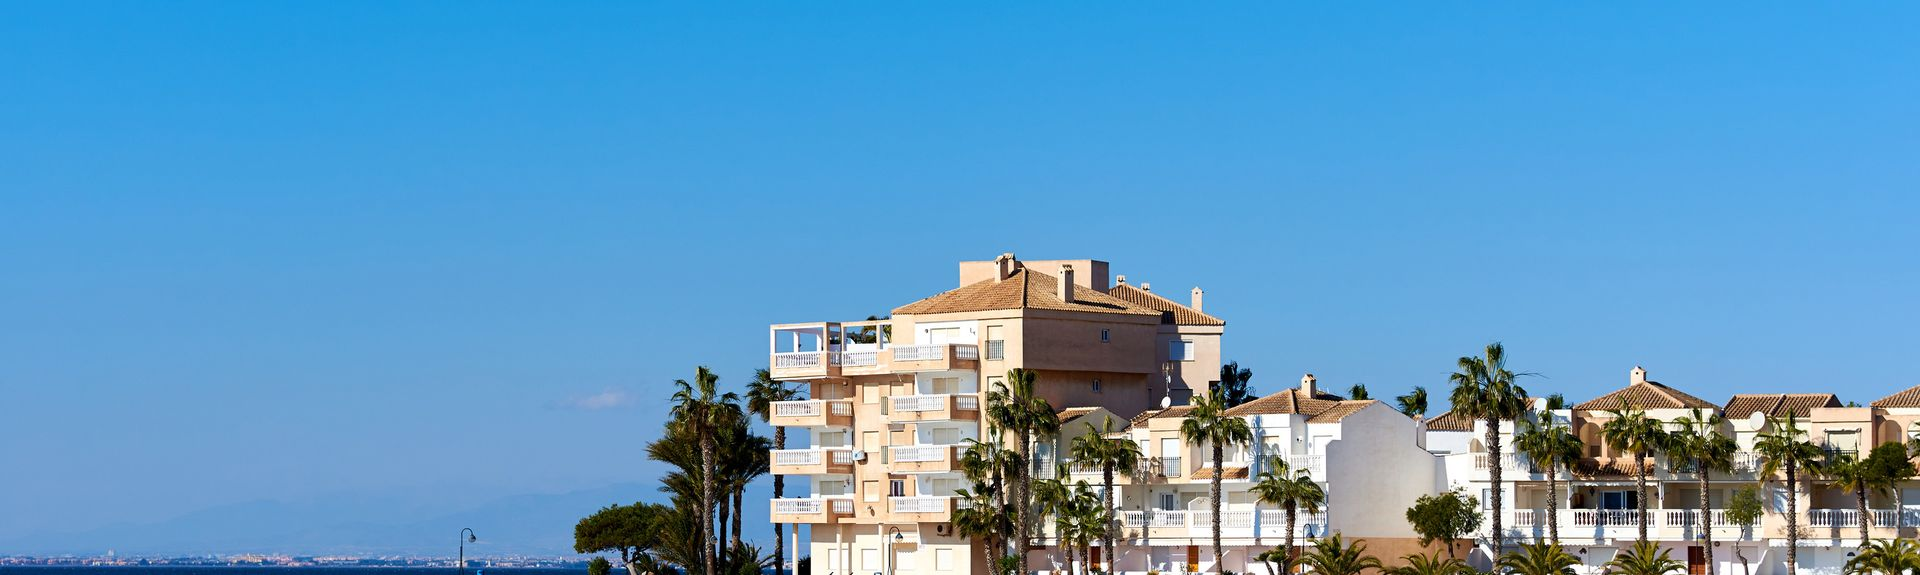 La Manga del Mar Menor, Murcia, Spanien